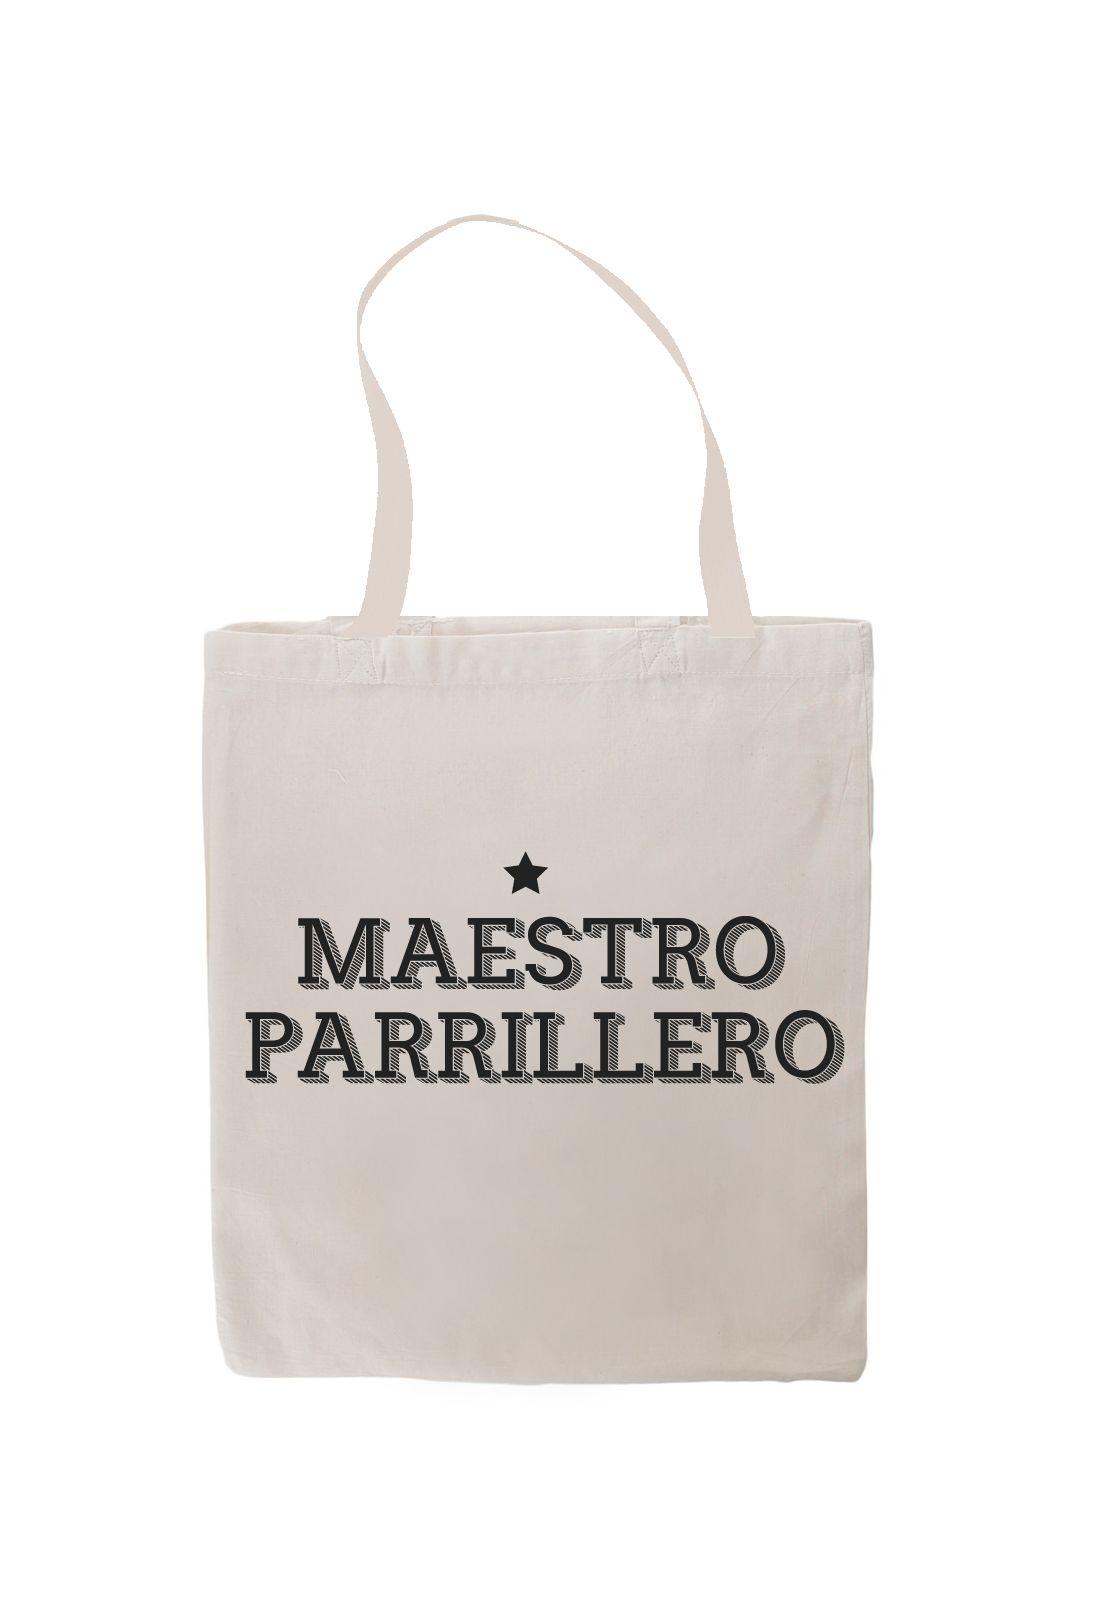 Totebag Maestro Parrillero